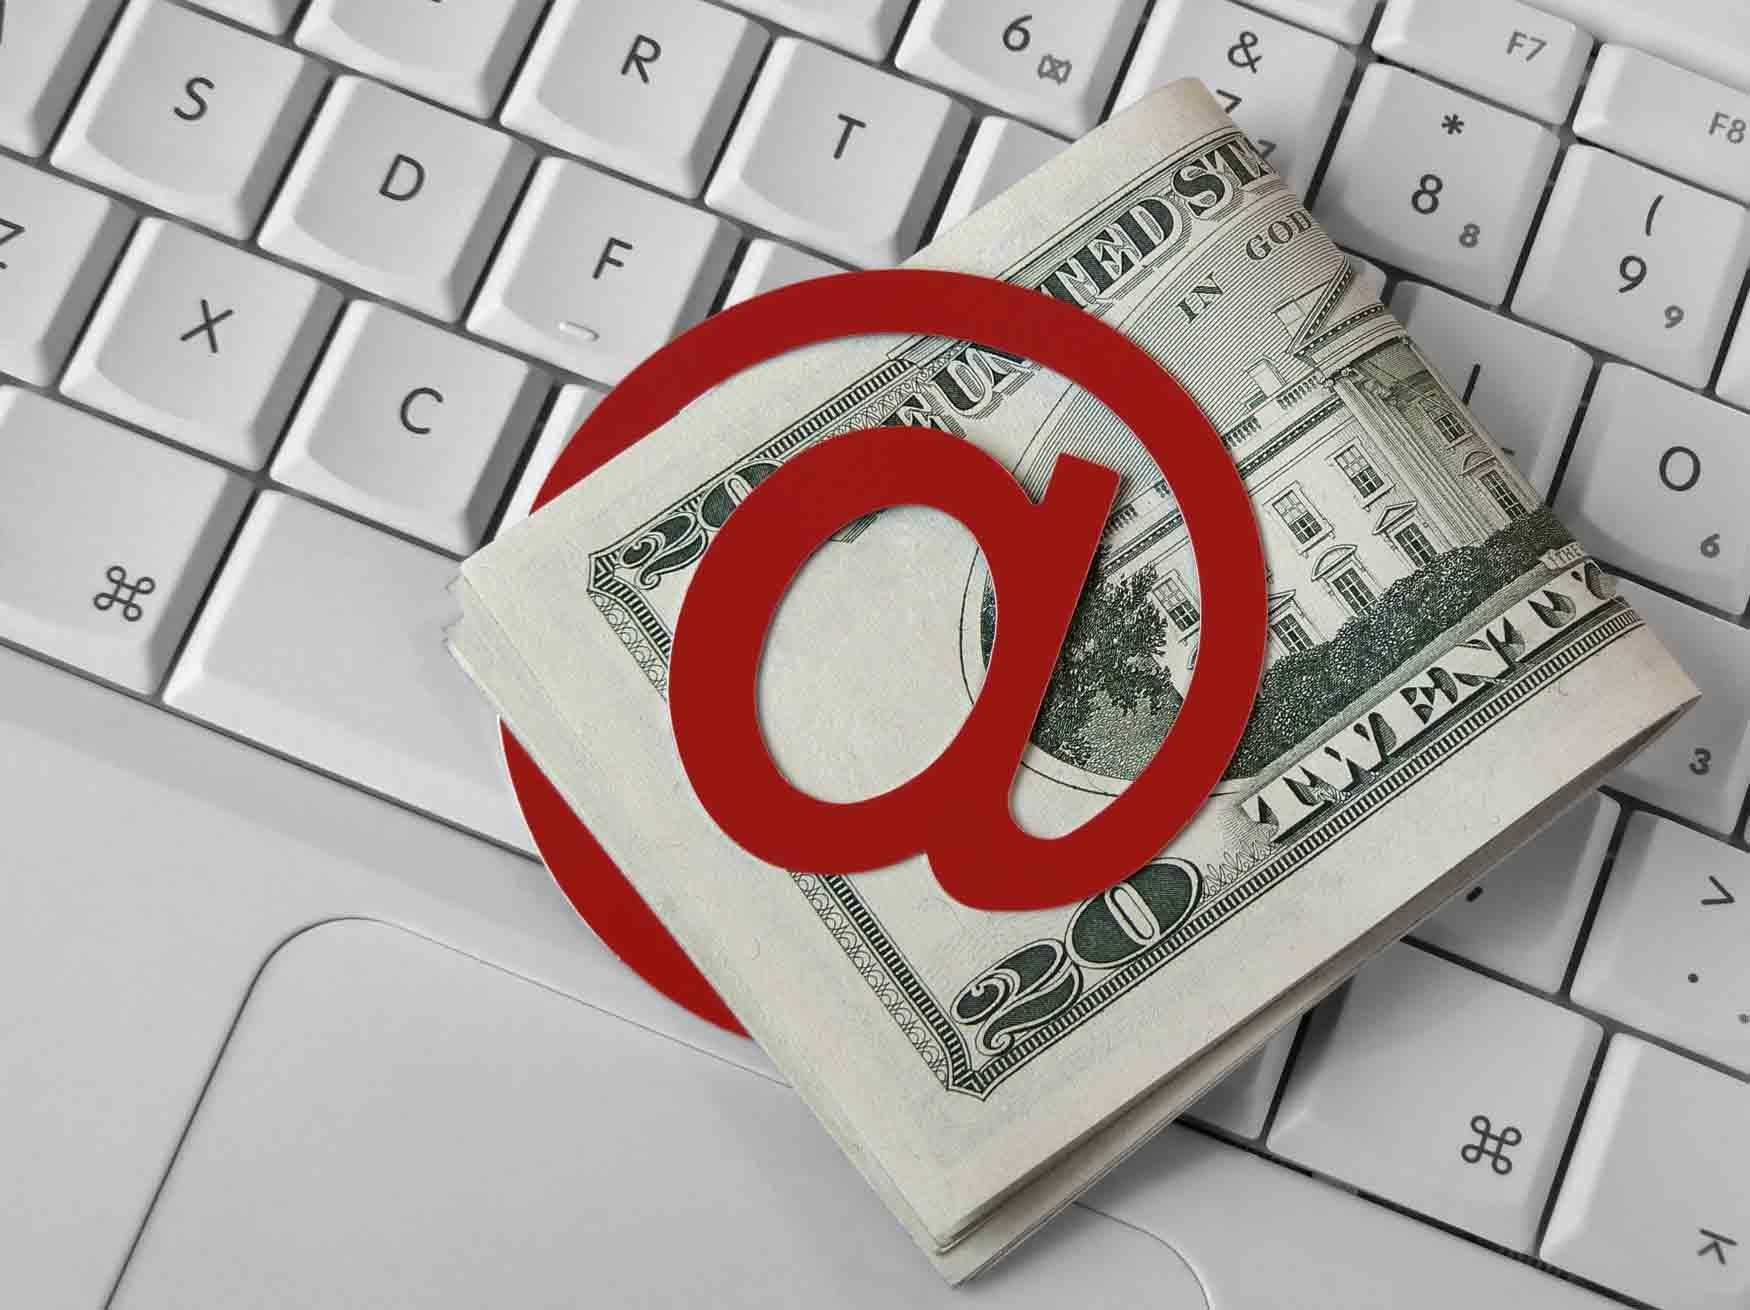 نکات مفید بازاریابی ویژه کسب و کارهای اینترنتی + اینفوگرافیک- پایگاه اینترنتی دانستنی ایران